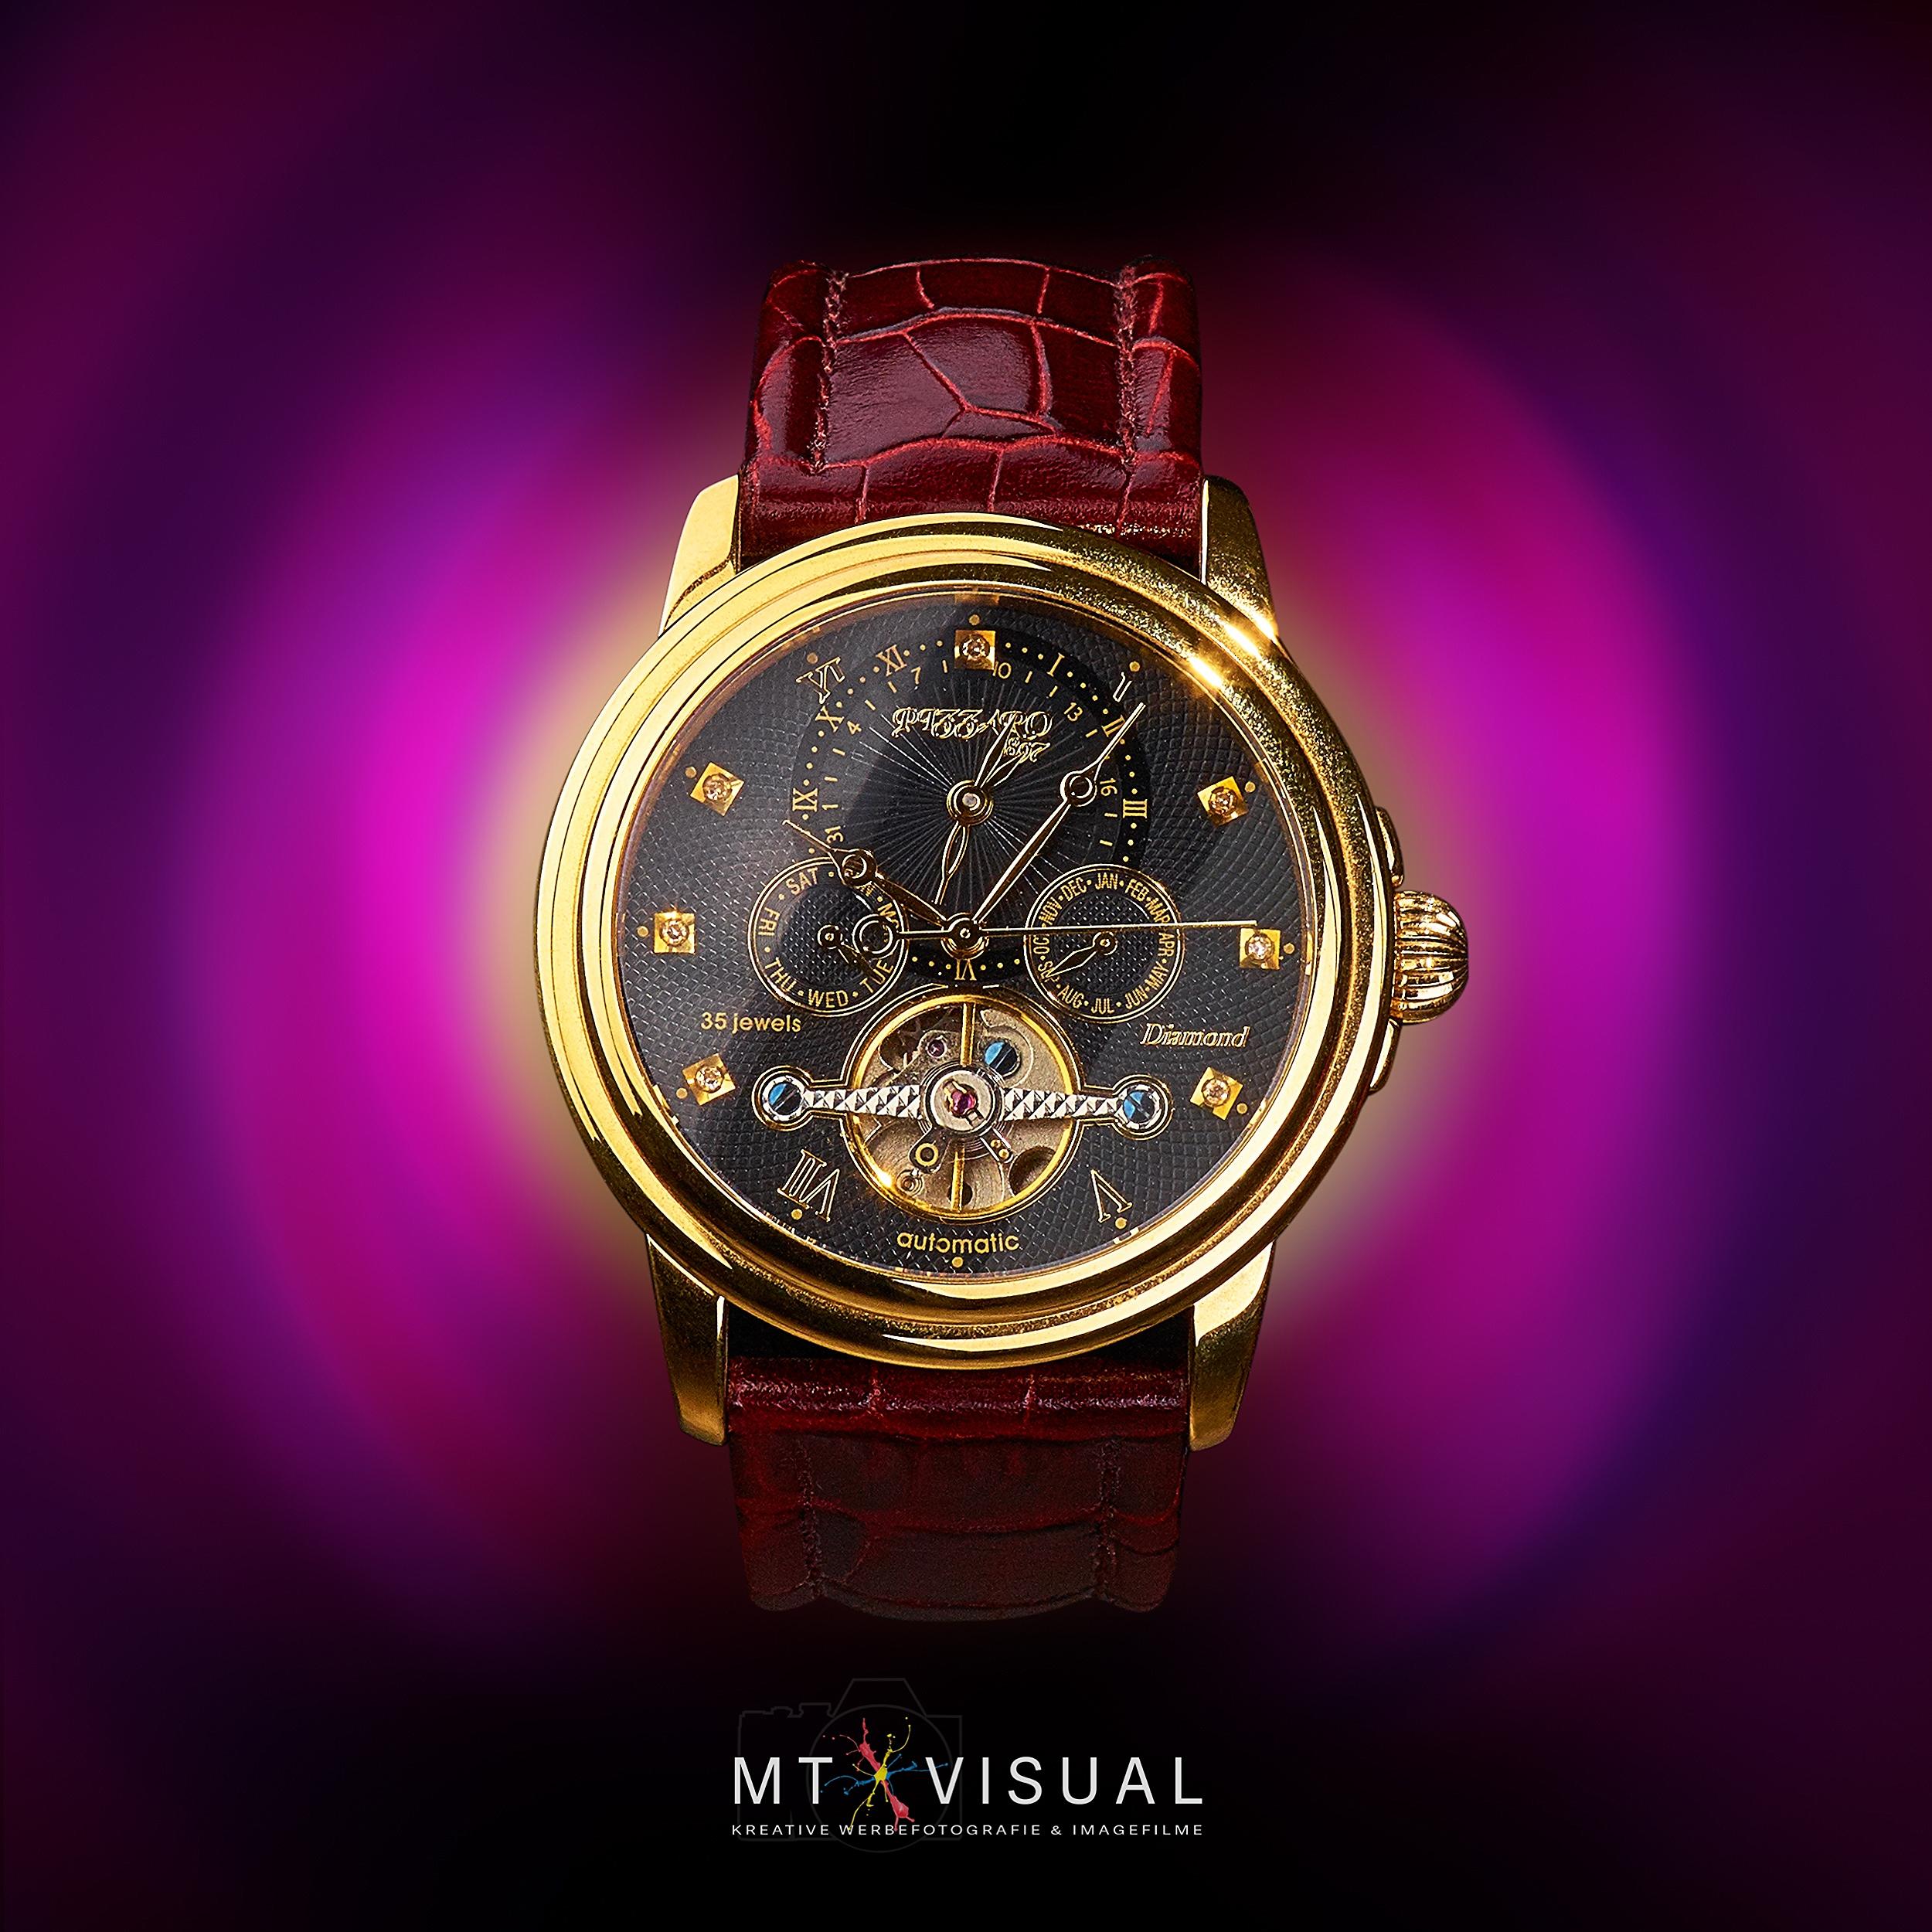 Goldene Uhr.jpg